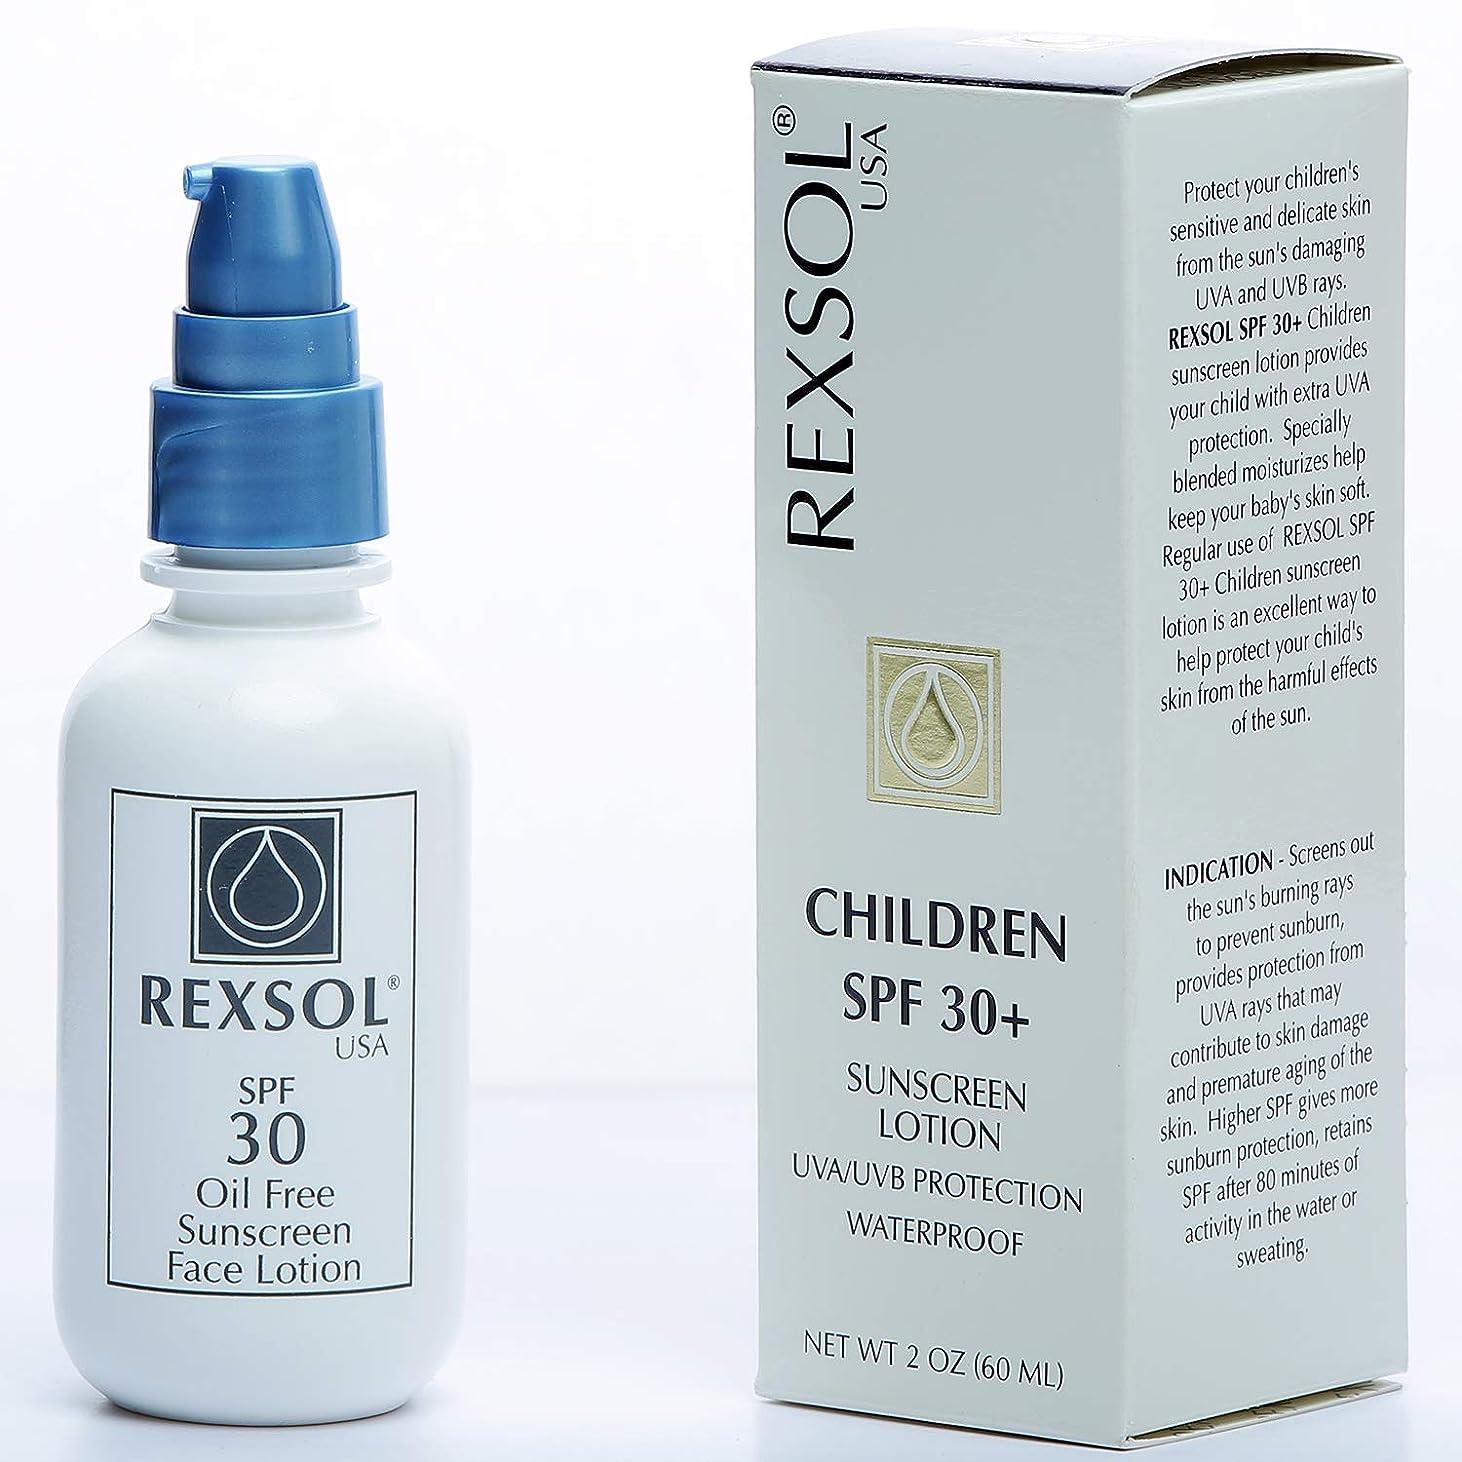 不運バース仮定、想定。推測REXSOL子供SPF 30 +日焼け止めUVA/UVB保護防水| ビタミンA、C、Eおよび天然植物抽出物を豊富に含む| 保湿剤と抗酸化剤。 (60ml / 2フロート)